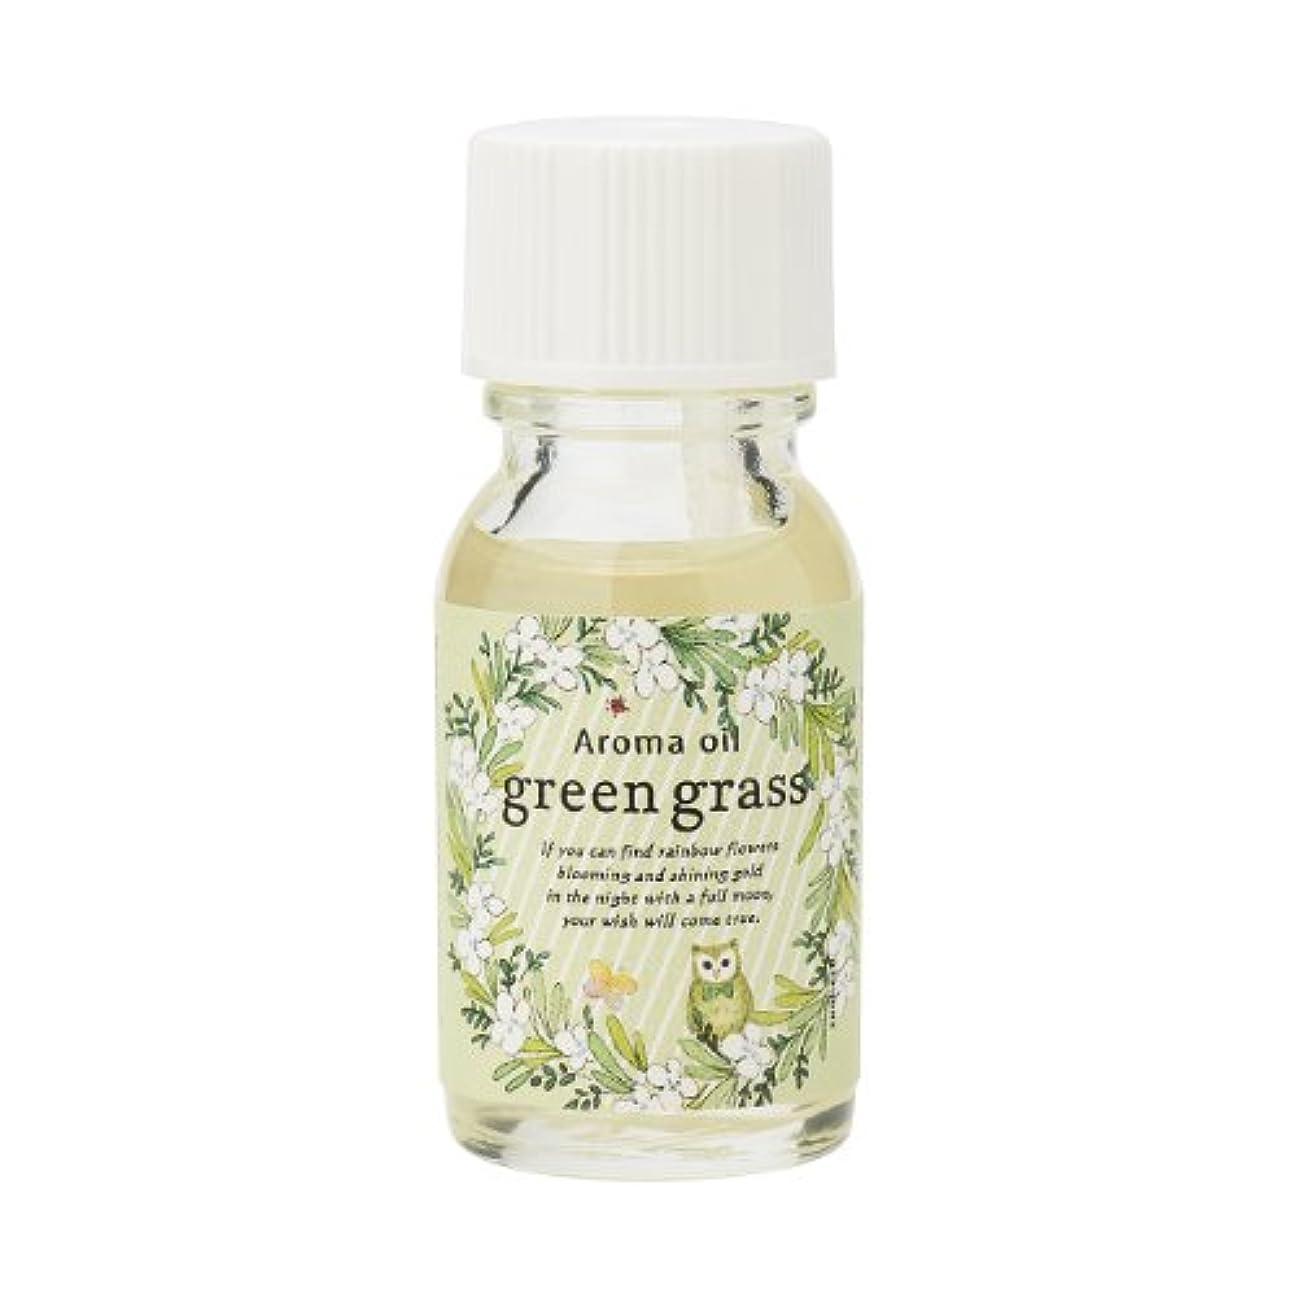 お酢残り範囲サンハーブ アロマオイル グリーングラス 13ml(爽やかでちょっと大人の香り)